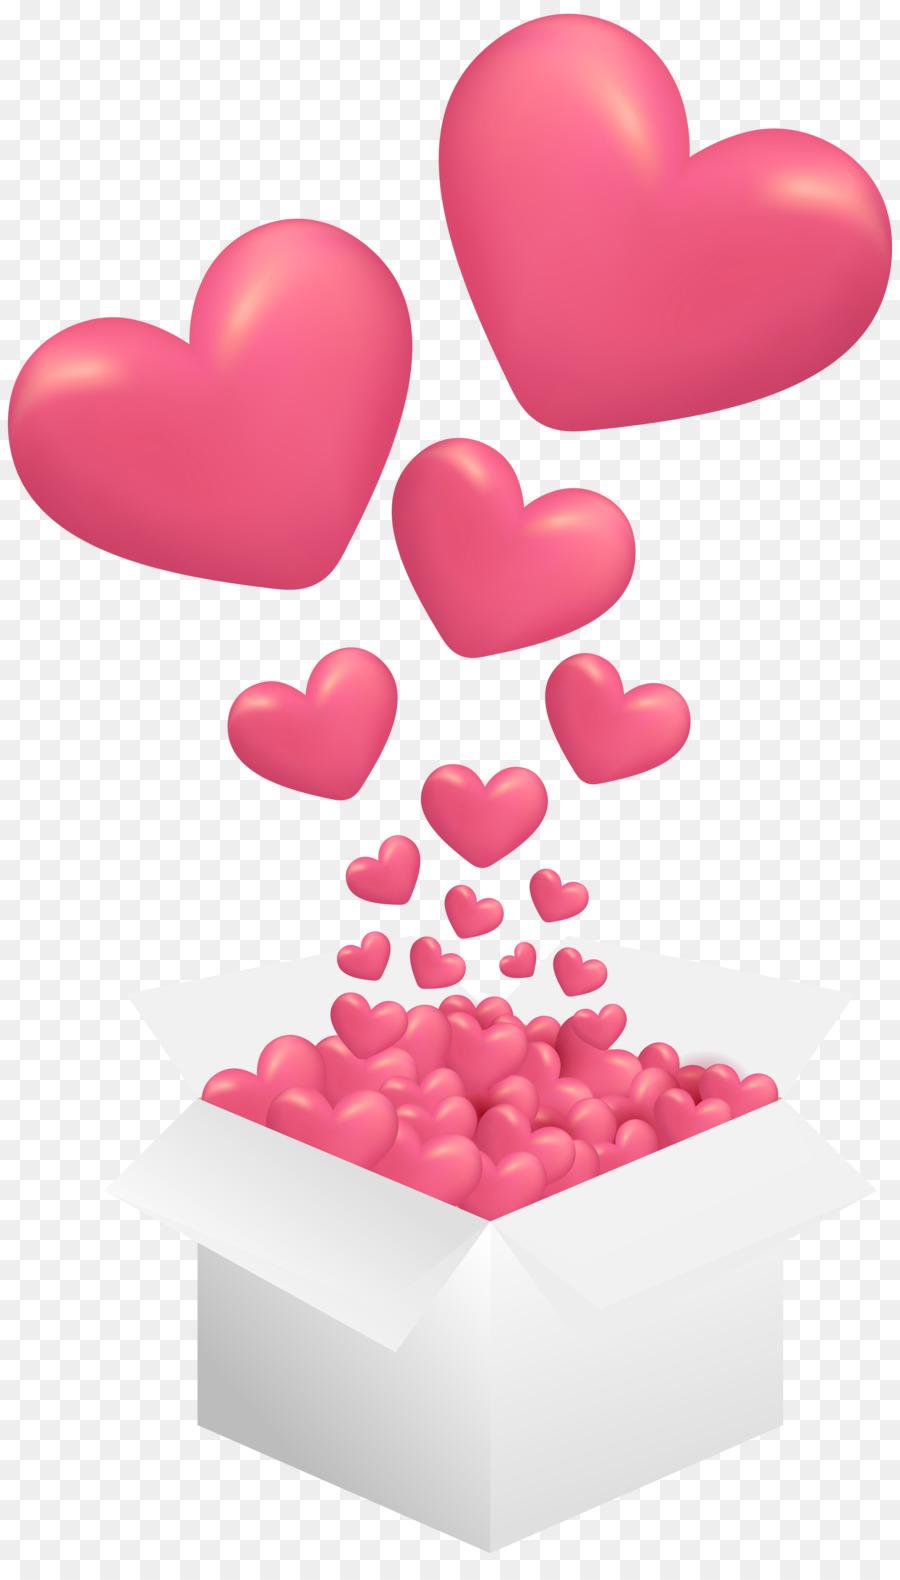 Descarga gratuita de Corazón, Fondo De Escritorio, Iconos De Equipo imágenes PNG